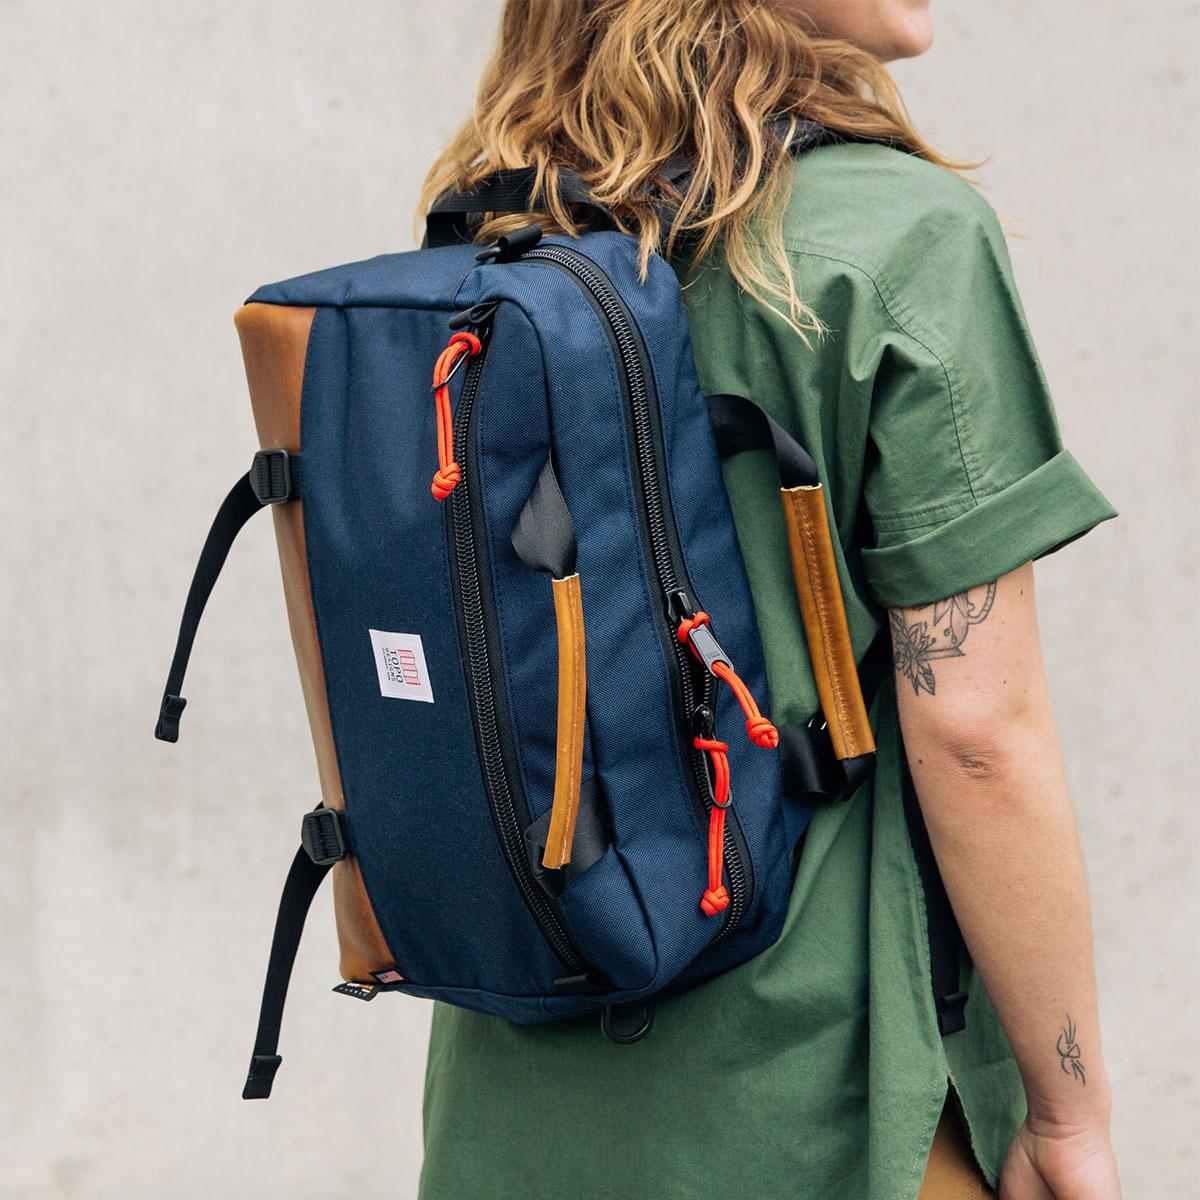 Topo Designs Commuter Briefcase, Aktentasche, Umhängetasche und Rucksack